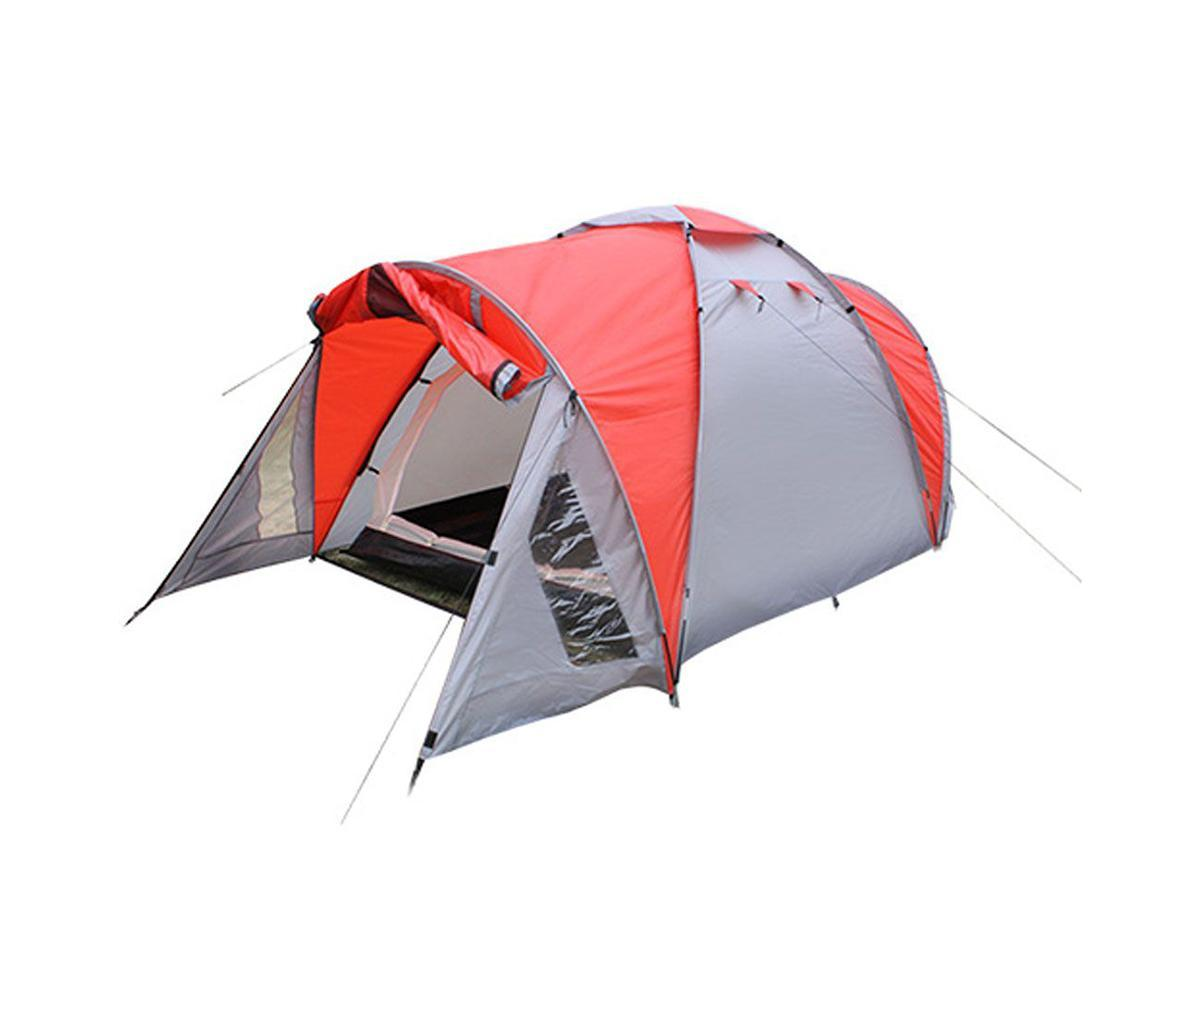 Палатка Happy Camper PL-3P-86212PL-3P-86212Просторная трехместная палатка с двумя тамбурами для хранения вежей прекрасно подходит для кемпинга. Два входа и три вентиляционных отверстия обеспечивают прекрасную проветриваемость помещения. Противомоскитные сетки защитят от насекомых, а благодаря внутренним карманам все необходимые вещи всегда будут под рукой.Особенности:Удобная сумка из 100% полиэстера;18 колышков, 16 строп из 100% полиэстера для укрепленной растяжки;Проклеенные швы;Два вентиляционных отверстия. Характеристики: Размер палатки в разложенном виде (ДхШхВ): 360 см х 180 см х 125 см. Внешний тент:190T полиэстер с водопроницаемостью 2000 мм. Внутренняя палатка: 190T полиэстер. Дно: 120GSM полиэтилен. Каркас:дуги из фибергласа диаметром 7,9 мм и 8,5 мм. Вес:4700 г. Размер в сложенном виде: 60 см х 16 см х 16 см.